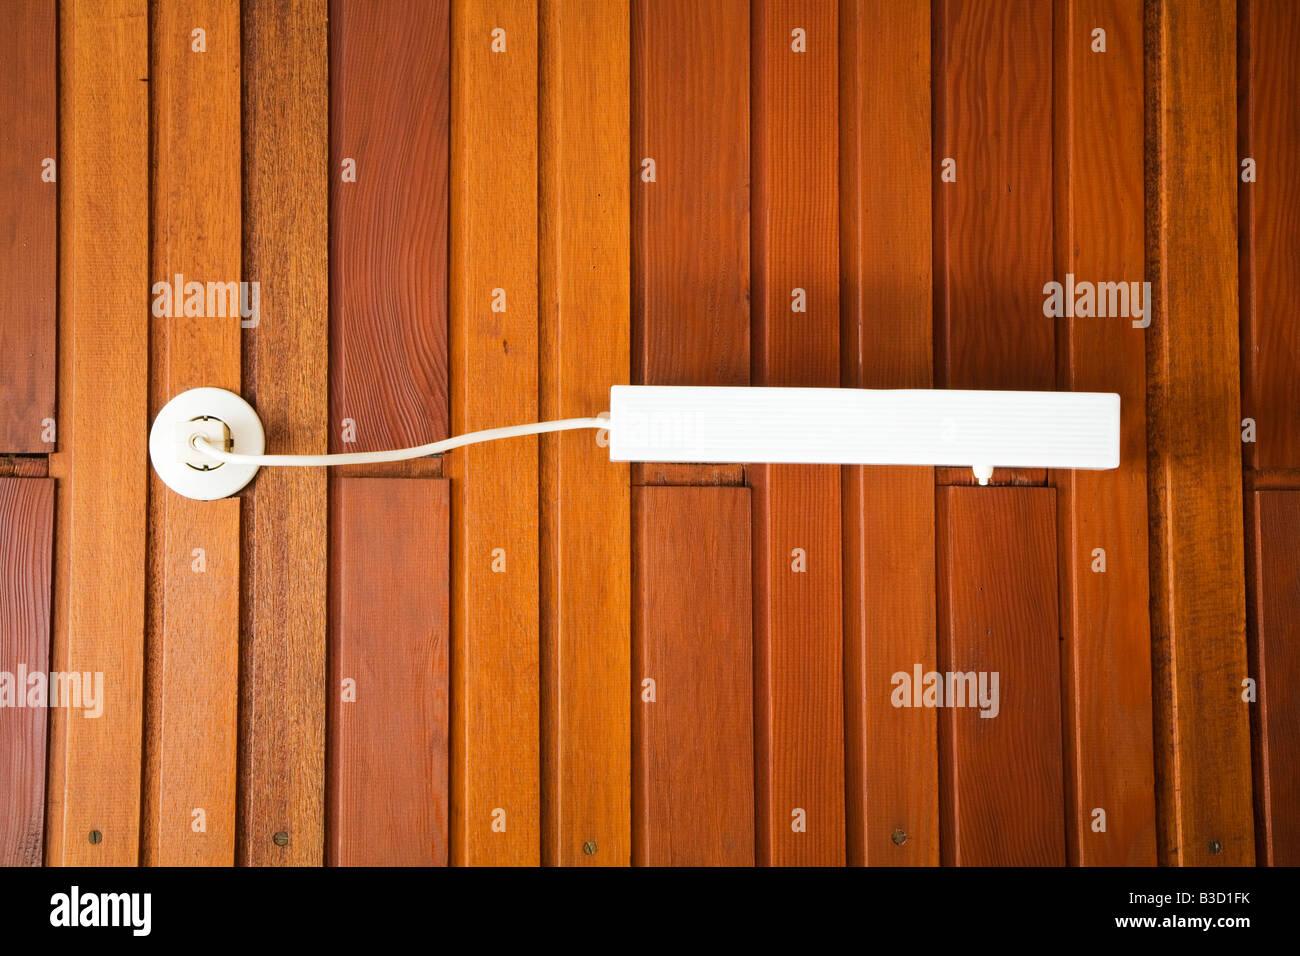 Plafoniere Da Parete In Legno : Interno ufficio manager con pareti bianche originali lampade